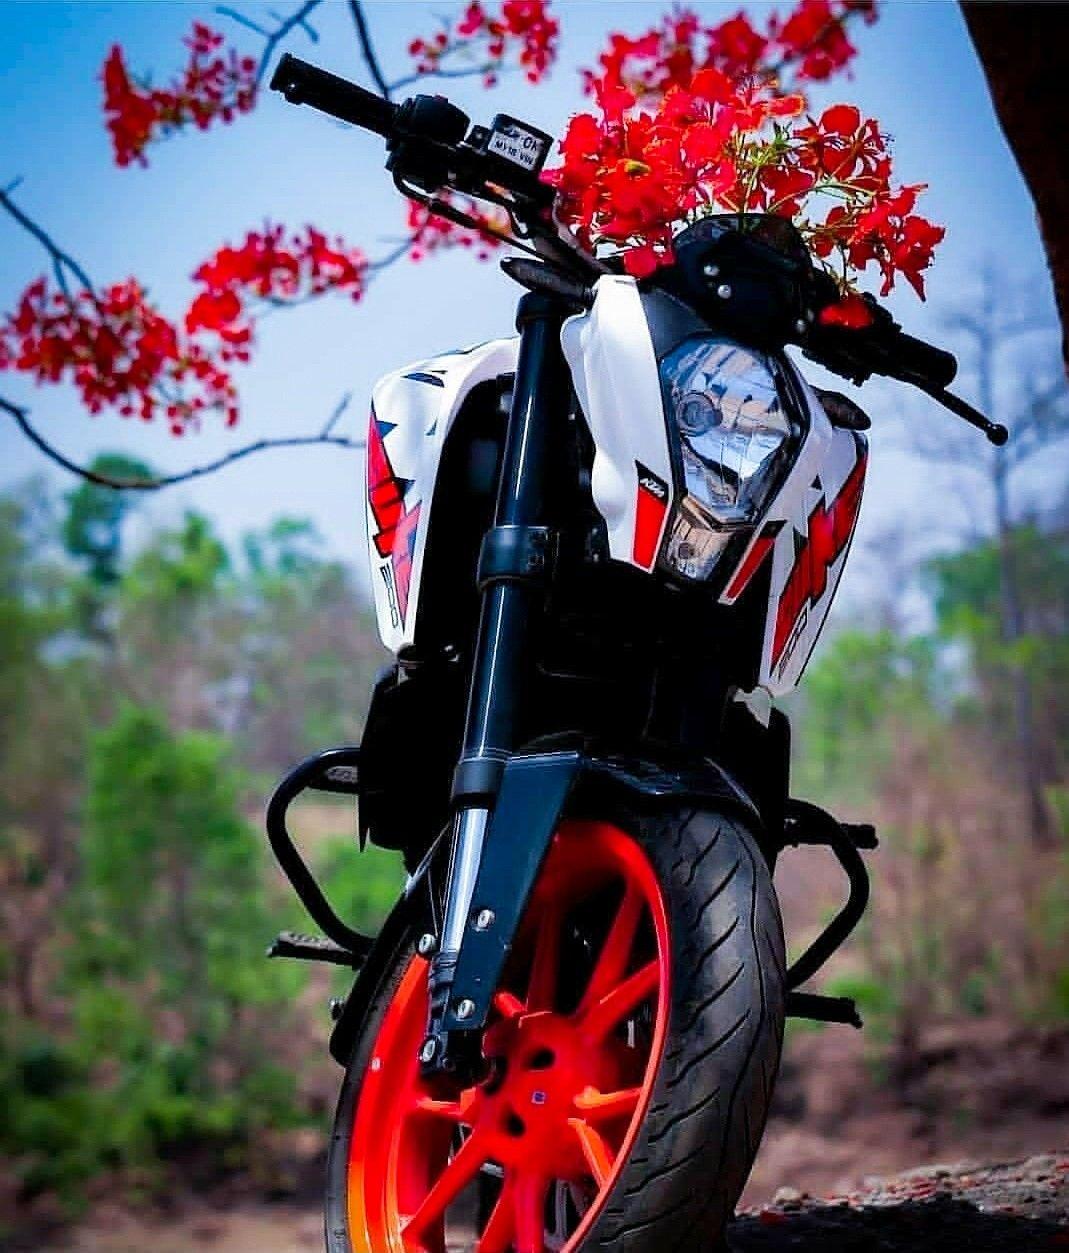 Begold Ktm Bike Love Bike Photoshoot Ktm Duke Bike